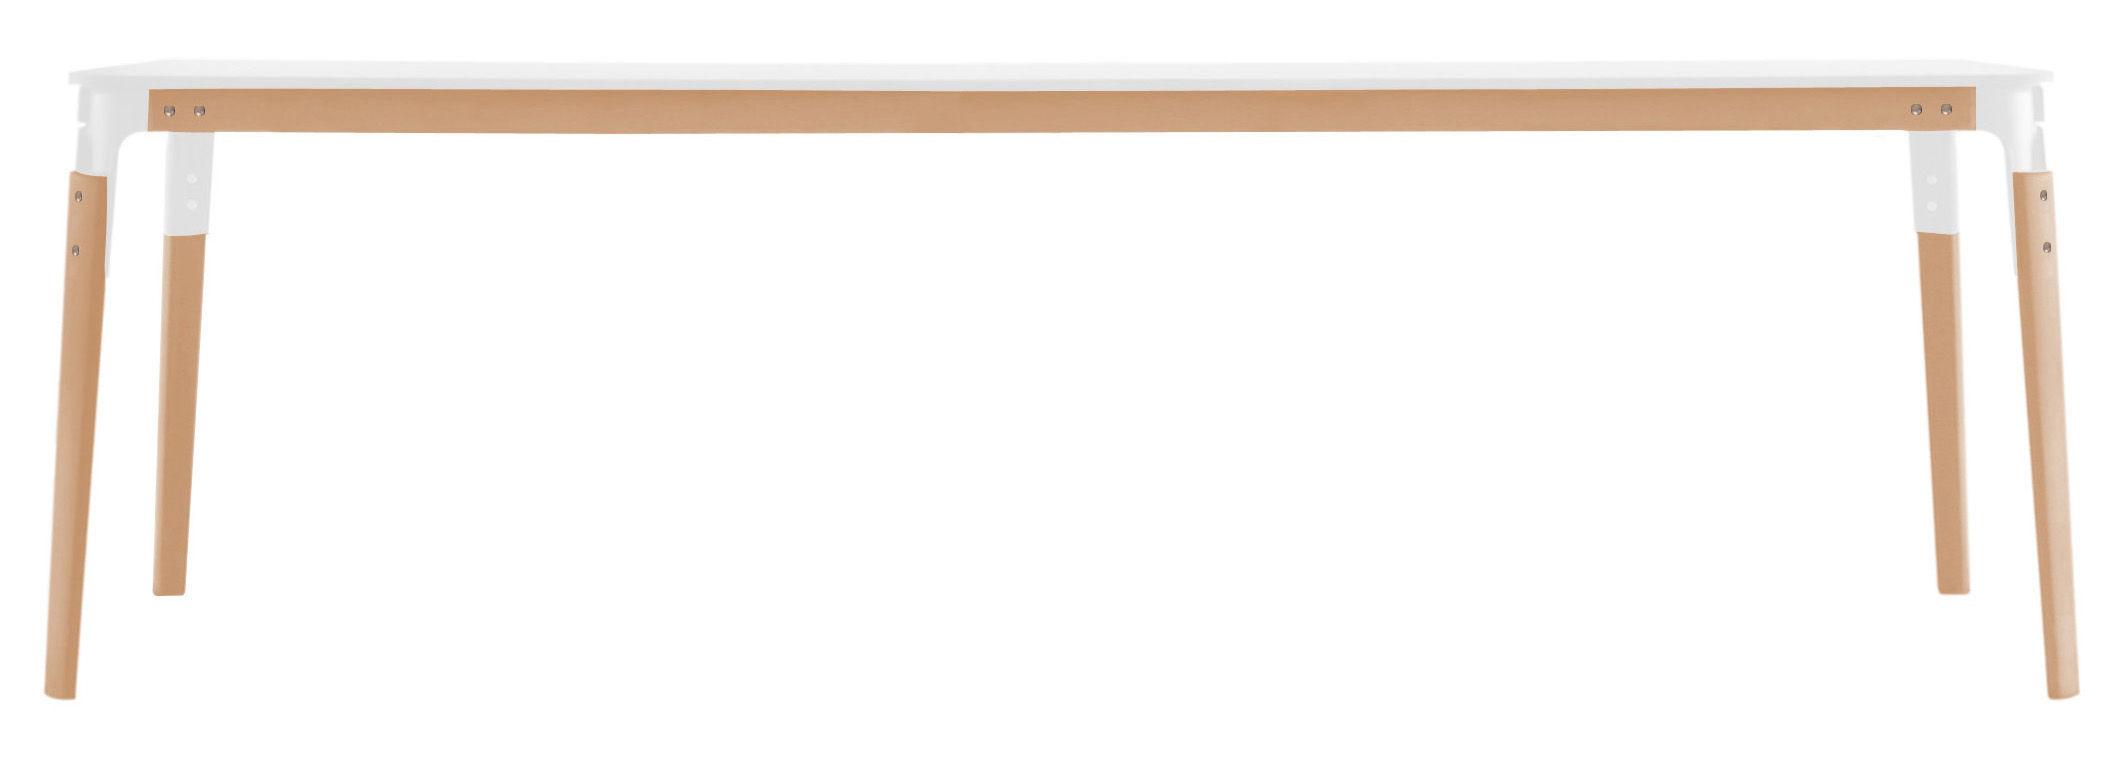 Arredamento - Mobili Ados  - Tavolo Steelwood - Rettangolare bicolore di Magis - Bianco e faggio - 180 x 90 cm - Acciaio verniciato, Faggio, Laminato HPL verniciato